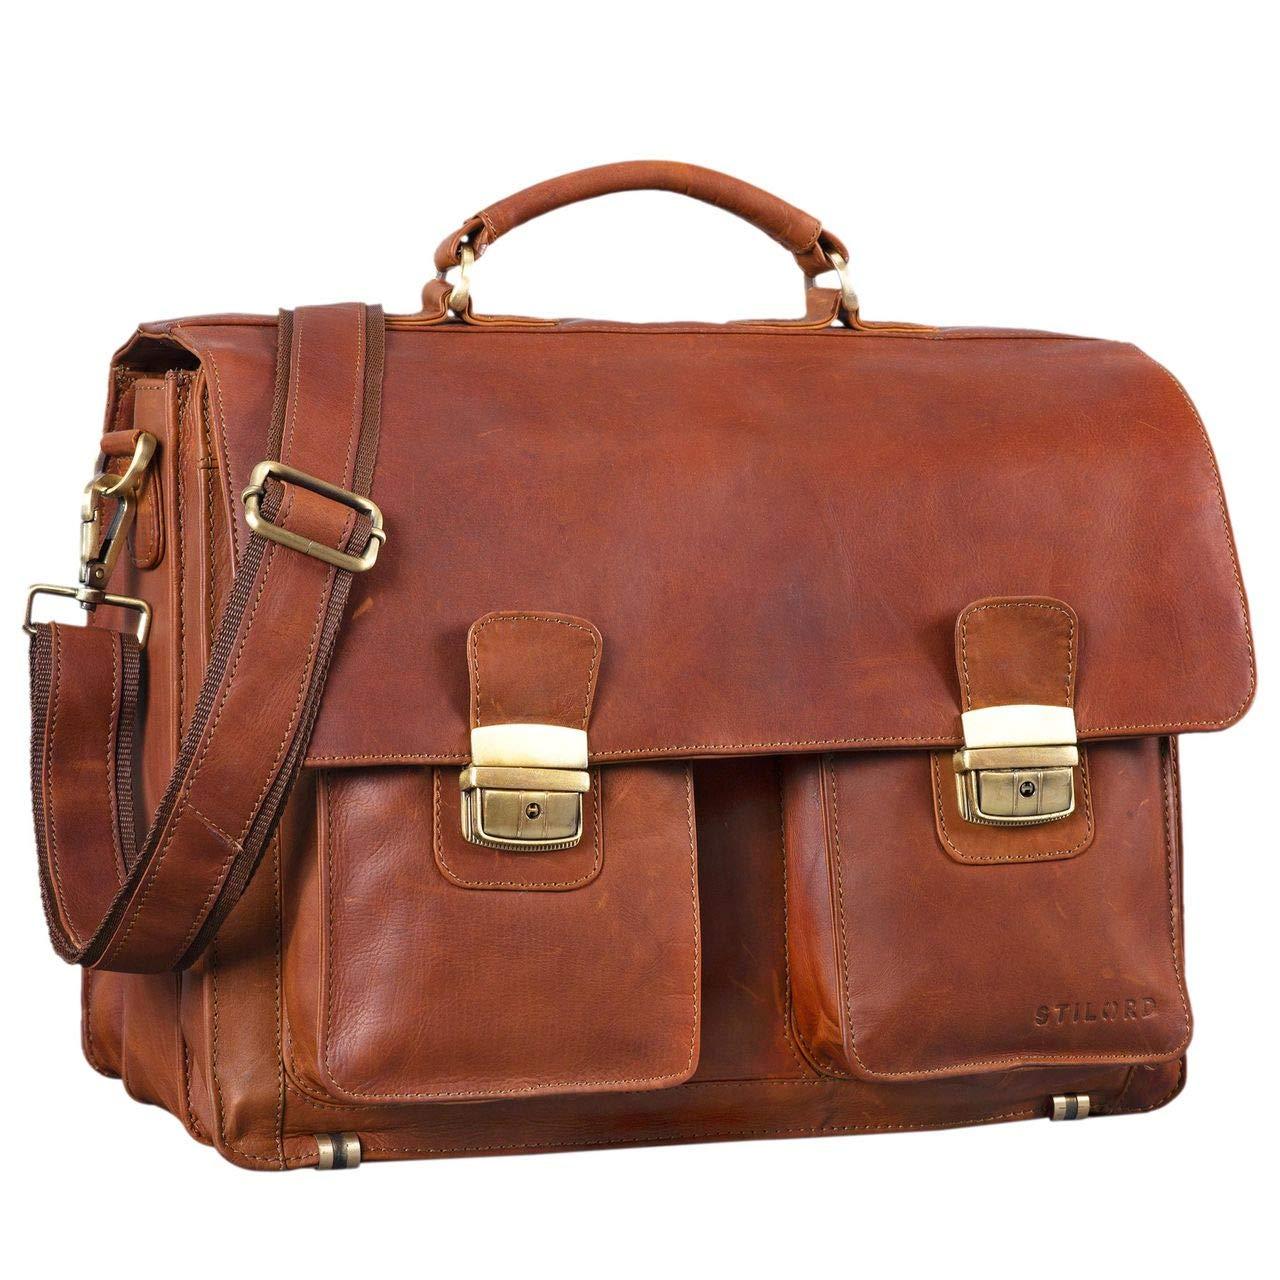 STILORD 'Atlas' Aktentasche Leder groß Vintage Lehrertasche Businesstasche Schultasche XL Bürotasche Herren Damen aufsteckbar echtes Rindsleder, Farbe:cognac - braun